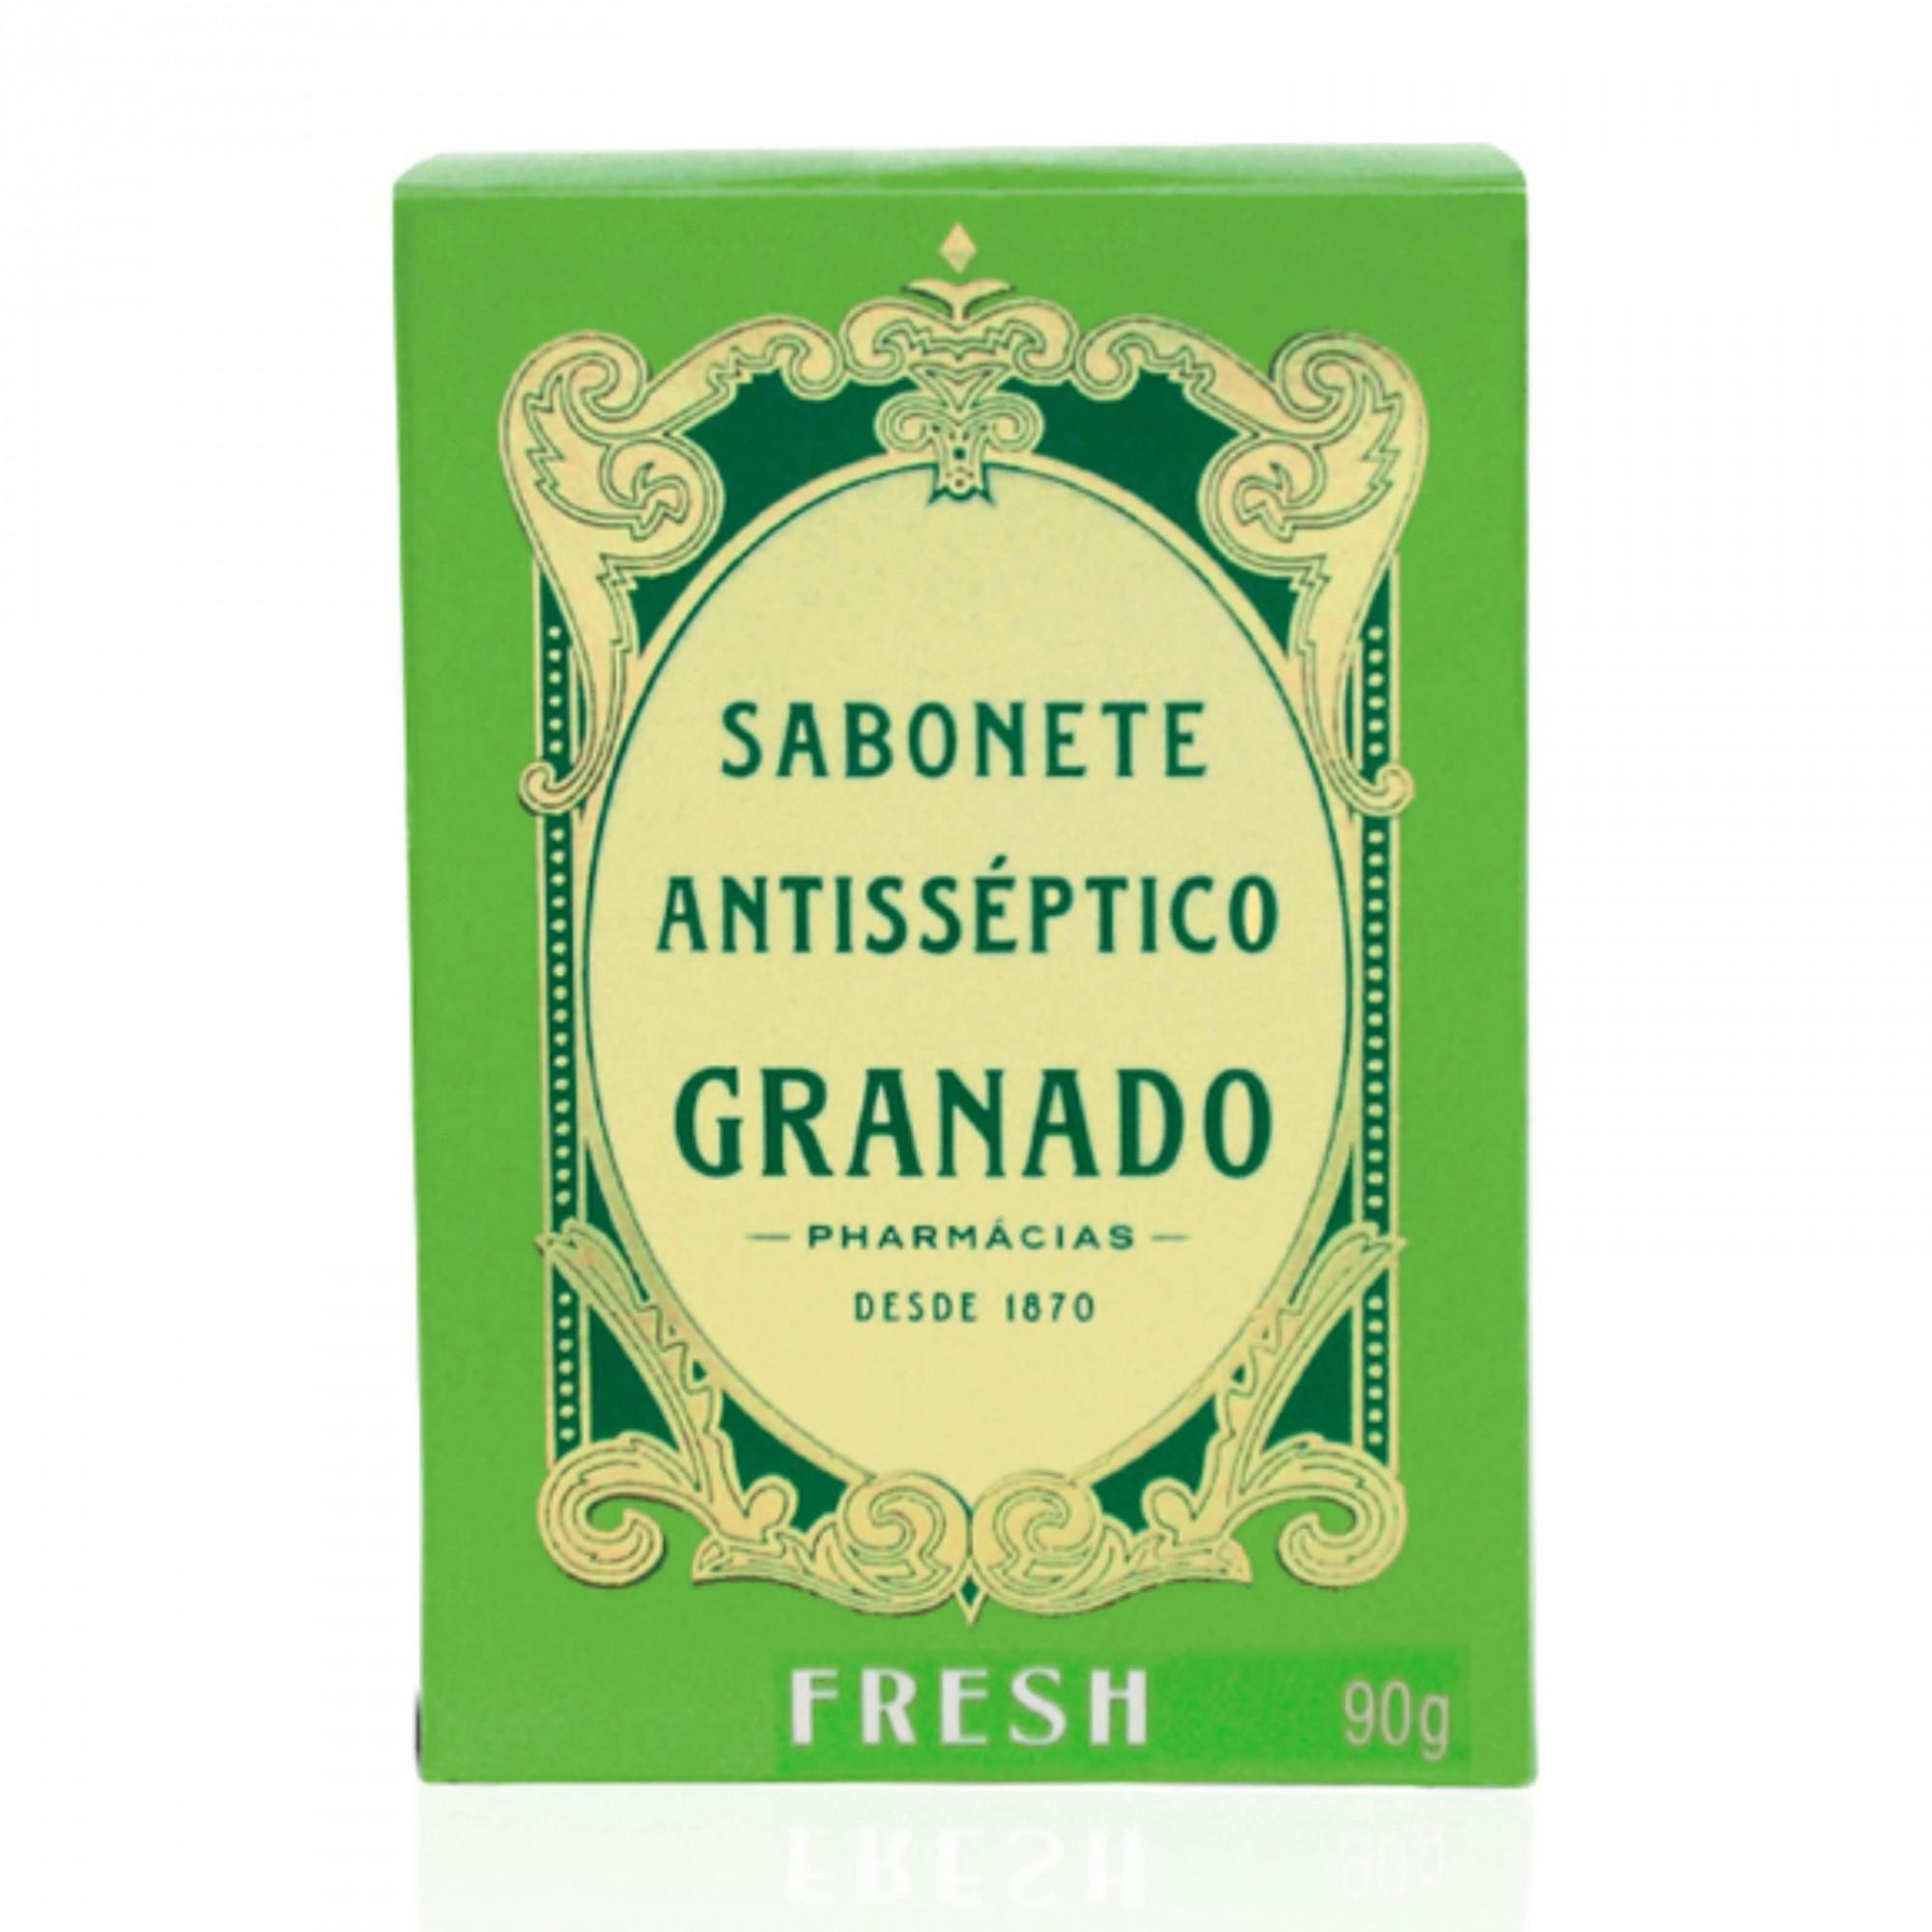 Sabonete Antisséptico Fresh 90g